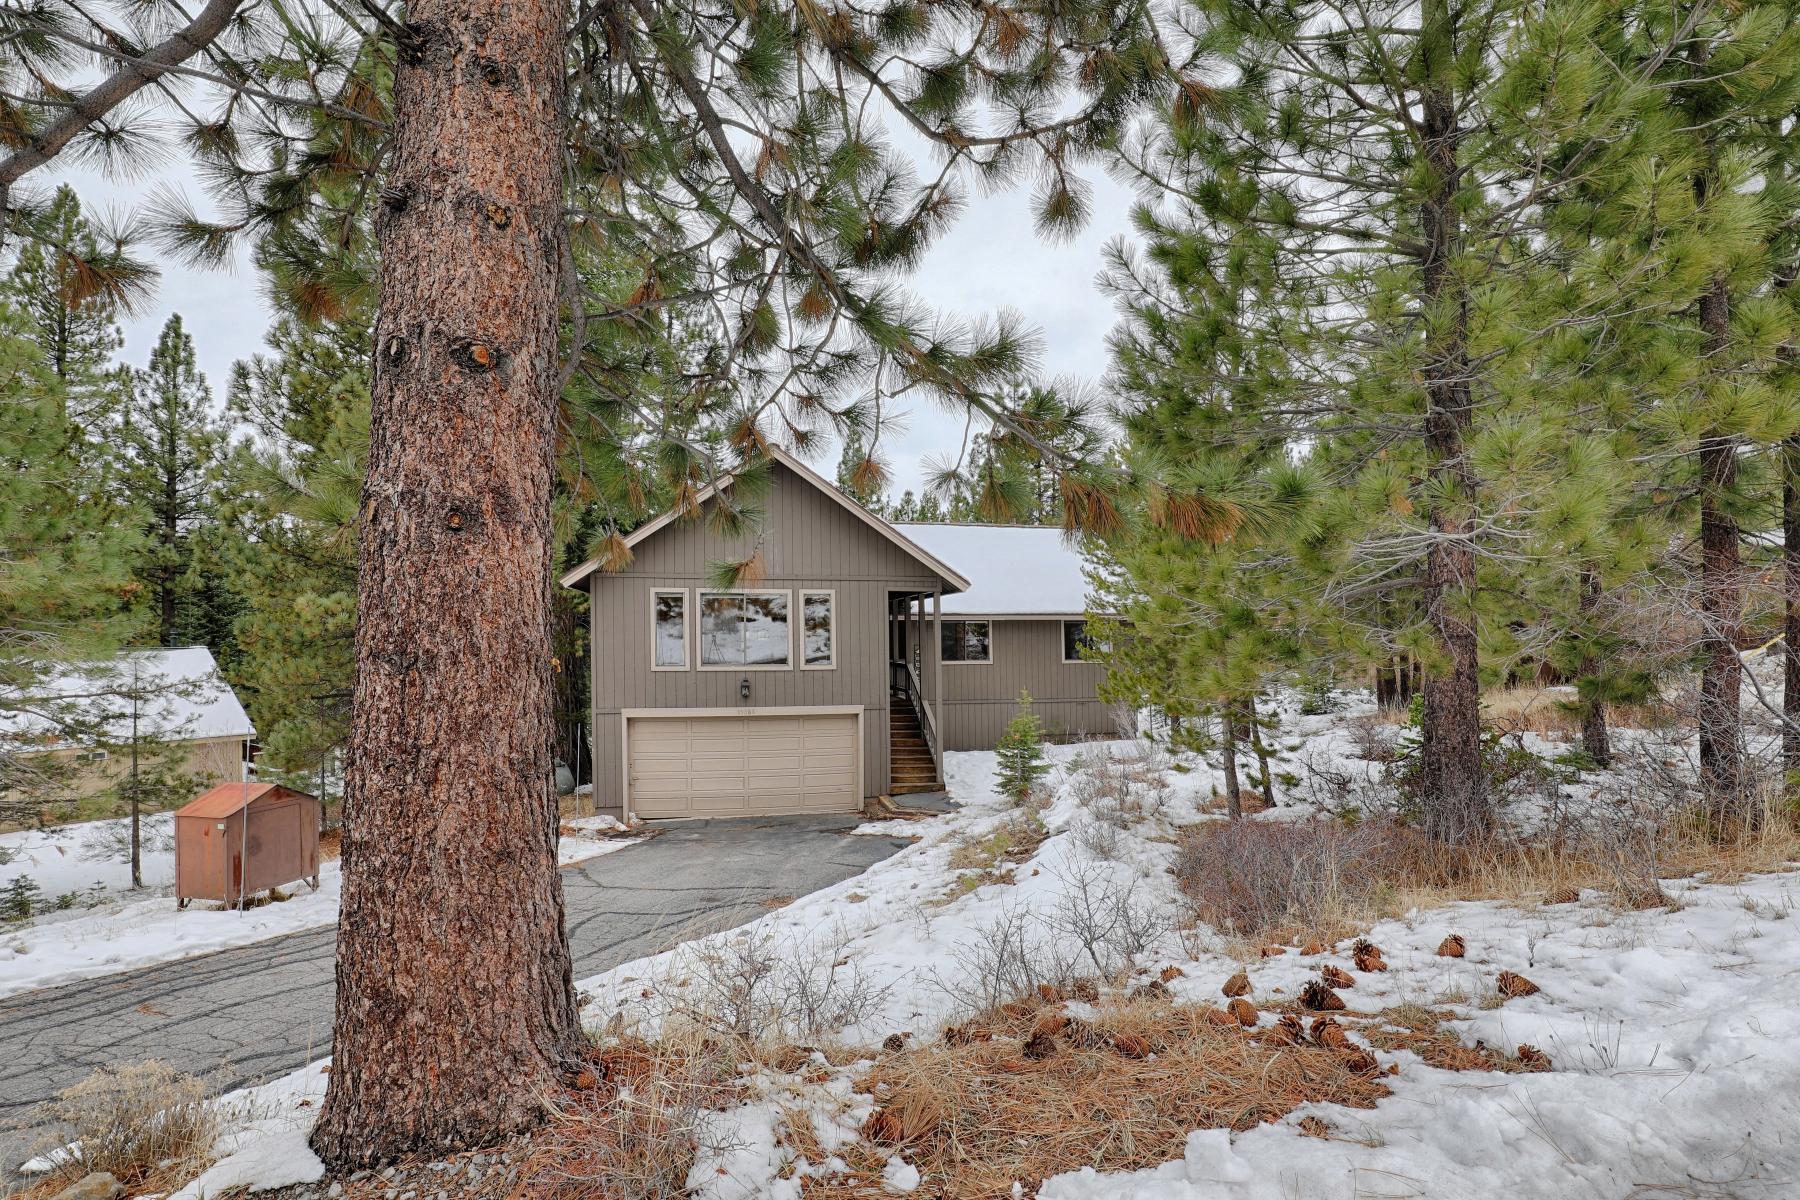 Частный односемейный дом для того Продажа на 15388 Wolfgang Road Truckee, CA 96161 Tahoe Donner, Truckee, Калифорния, 96161 Lake Tahoe, Соединенные Штаты